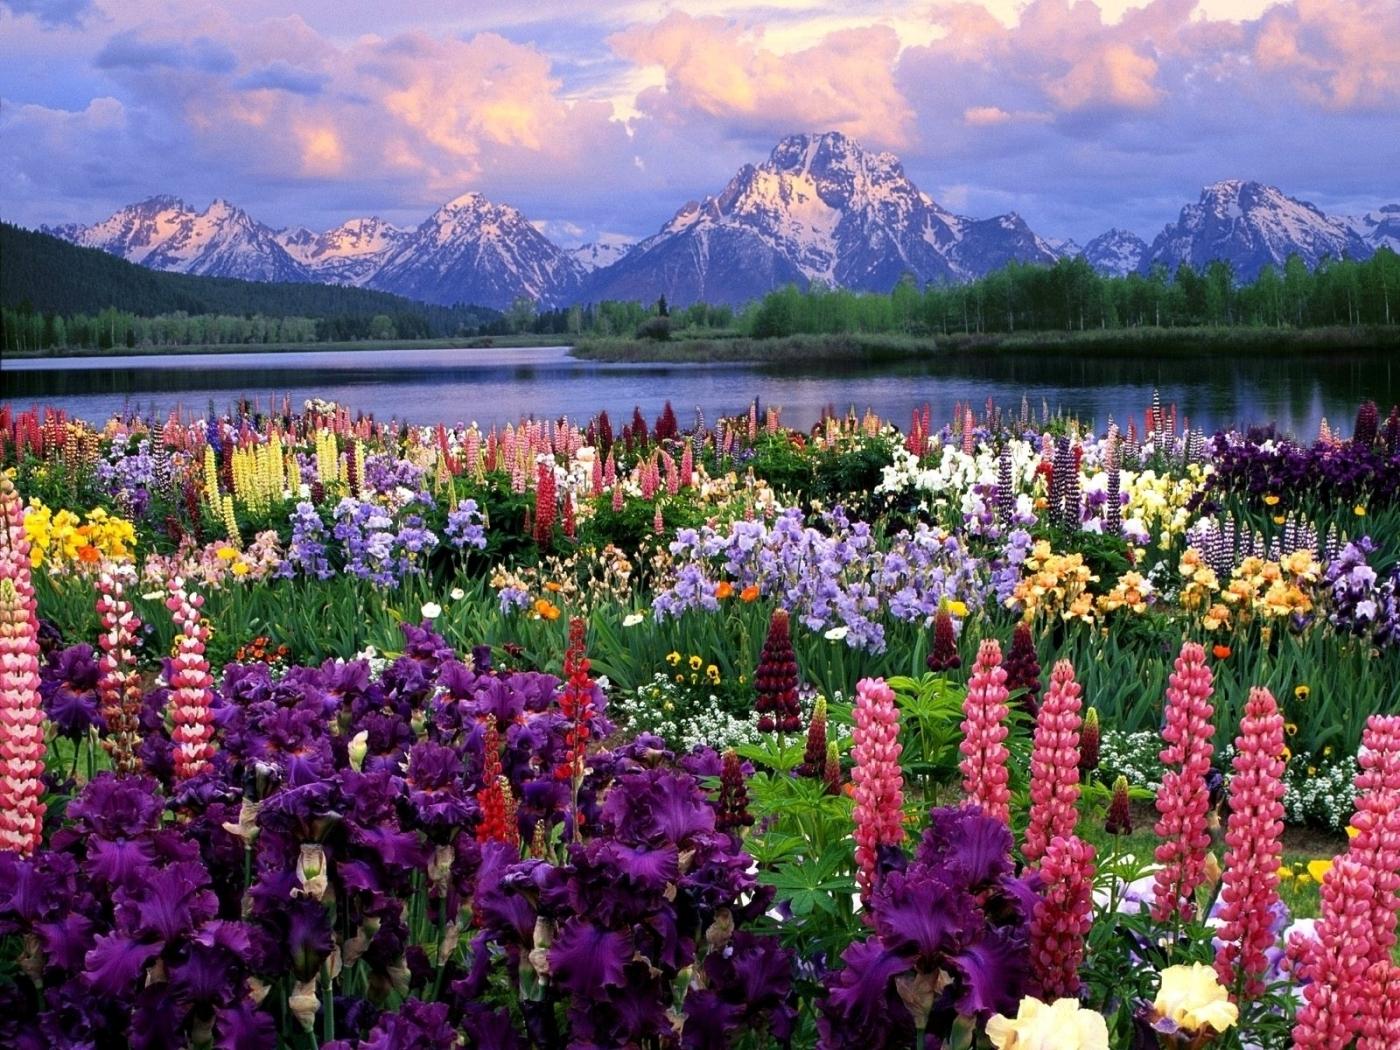 40940 télécharger le fond d'écran Paysage, Fleurs, Montagnes - économiseurs d'écran et images gratuitement